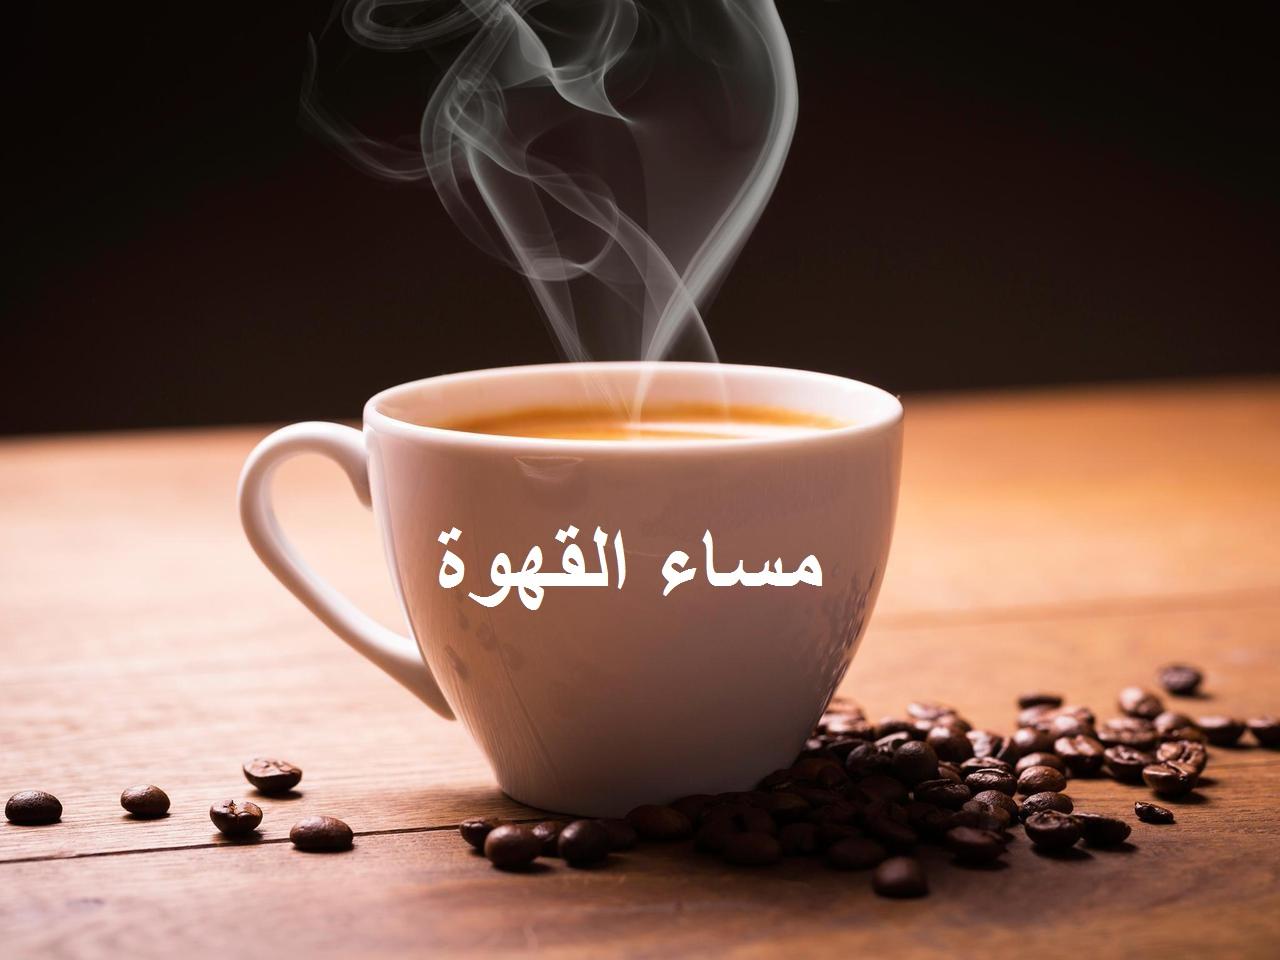 رسائل مساء القهوة